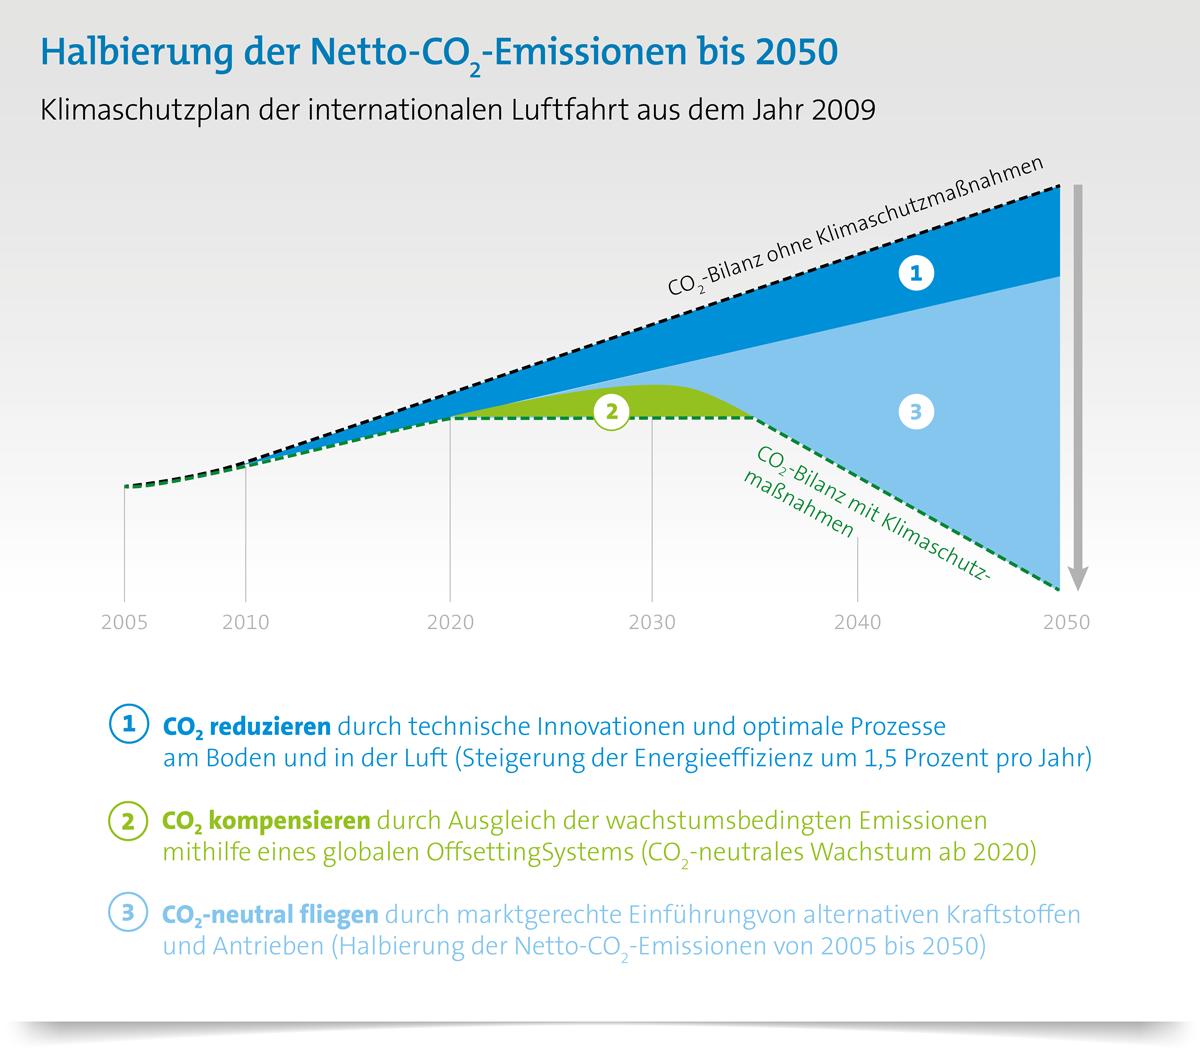 Wie funktioniert Klimaschutz im Luftverkehr? Klimaschutzstrategie der internationalen Luftfahrt